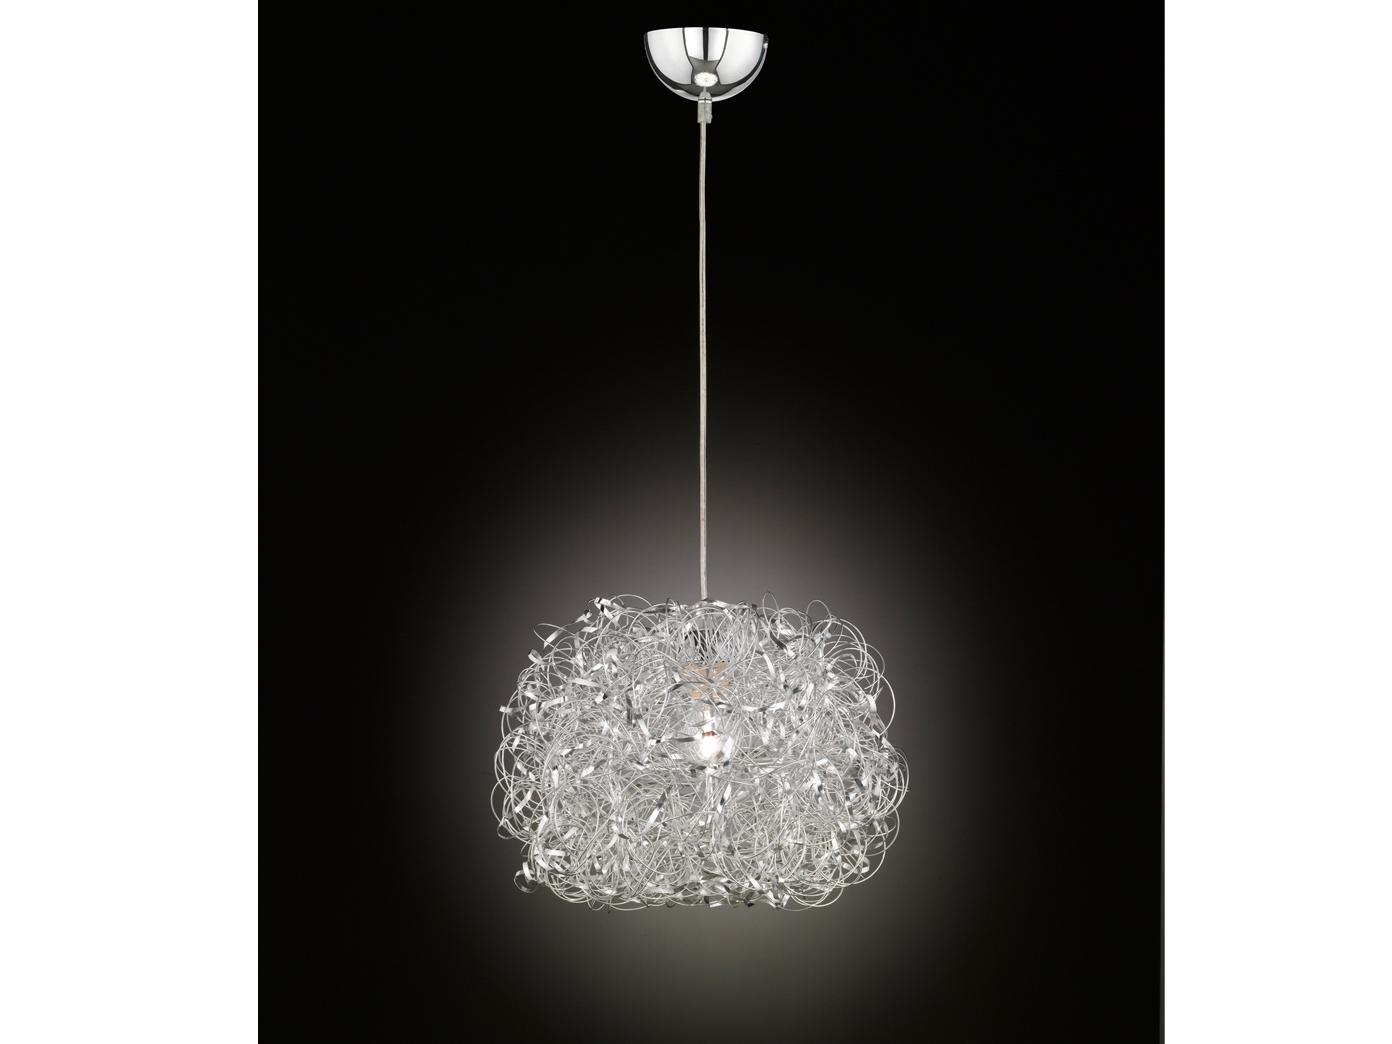 Led Hangeleuchte Silber O 40cm Esstisch Lampe Pendelleuchte